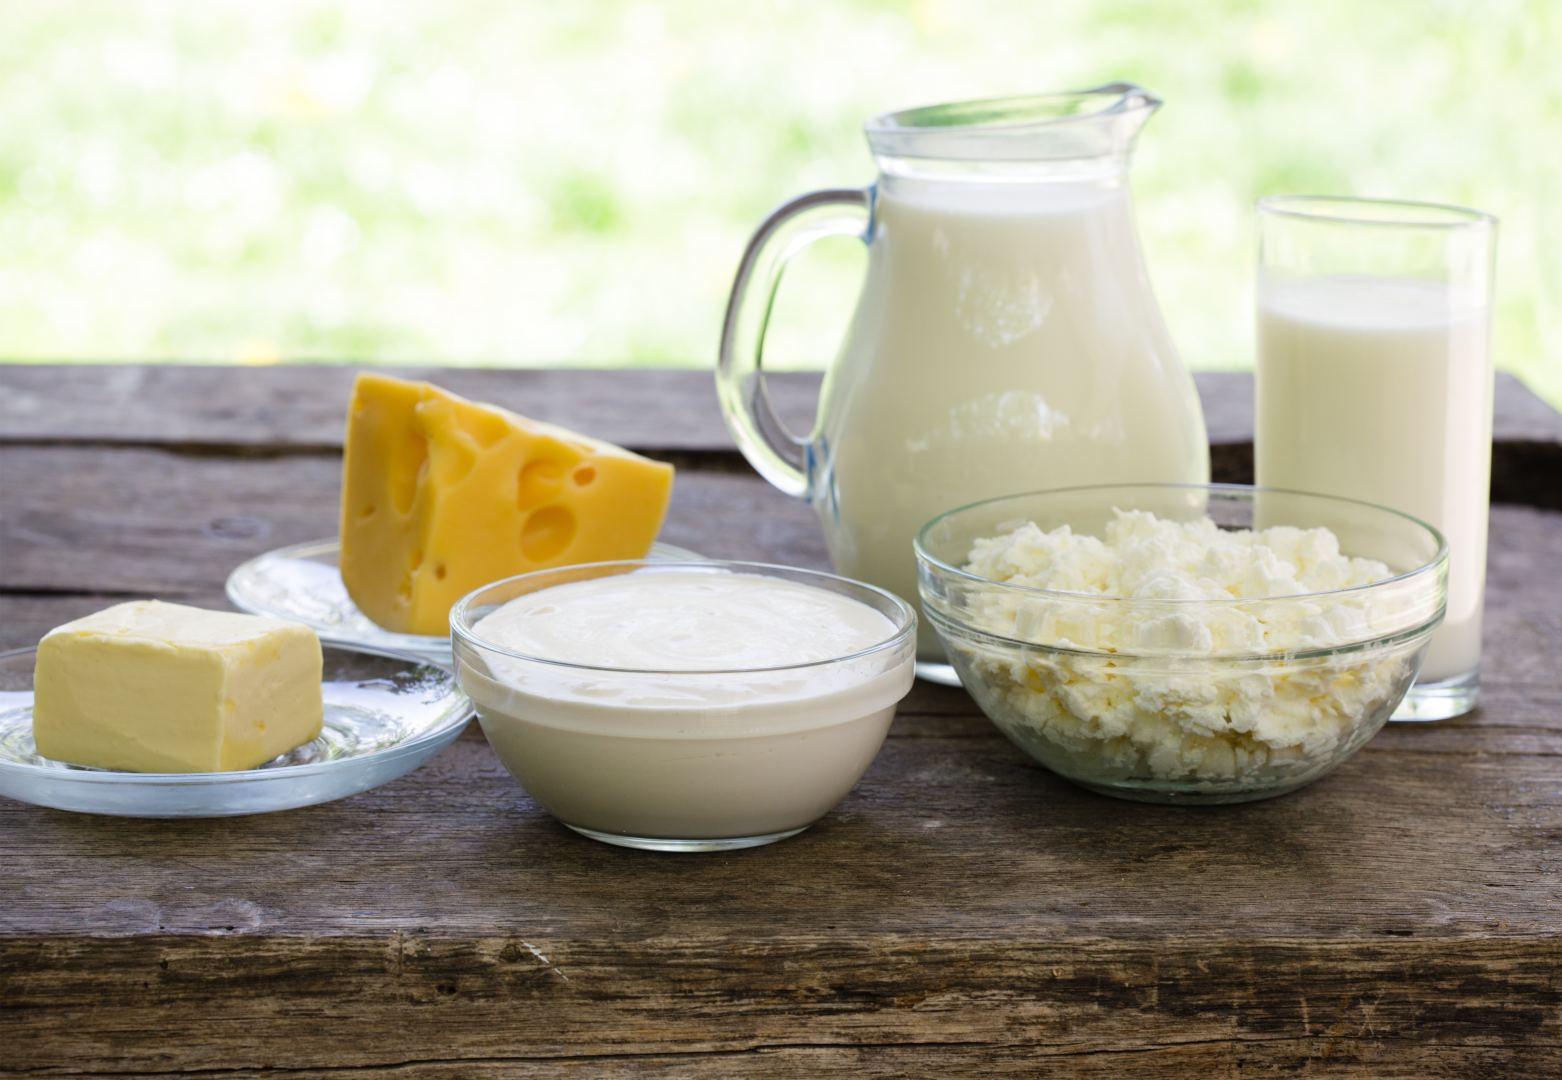 Antihipertenzinis fermentuotų pieno produktų poveikis mikroskopu